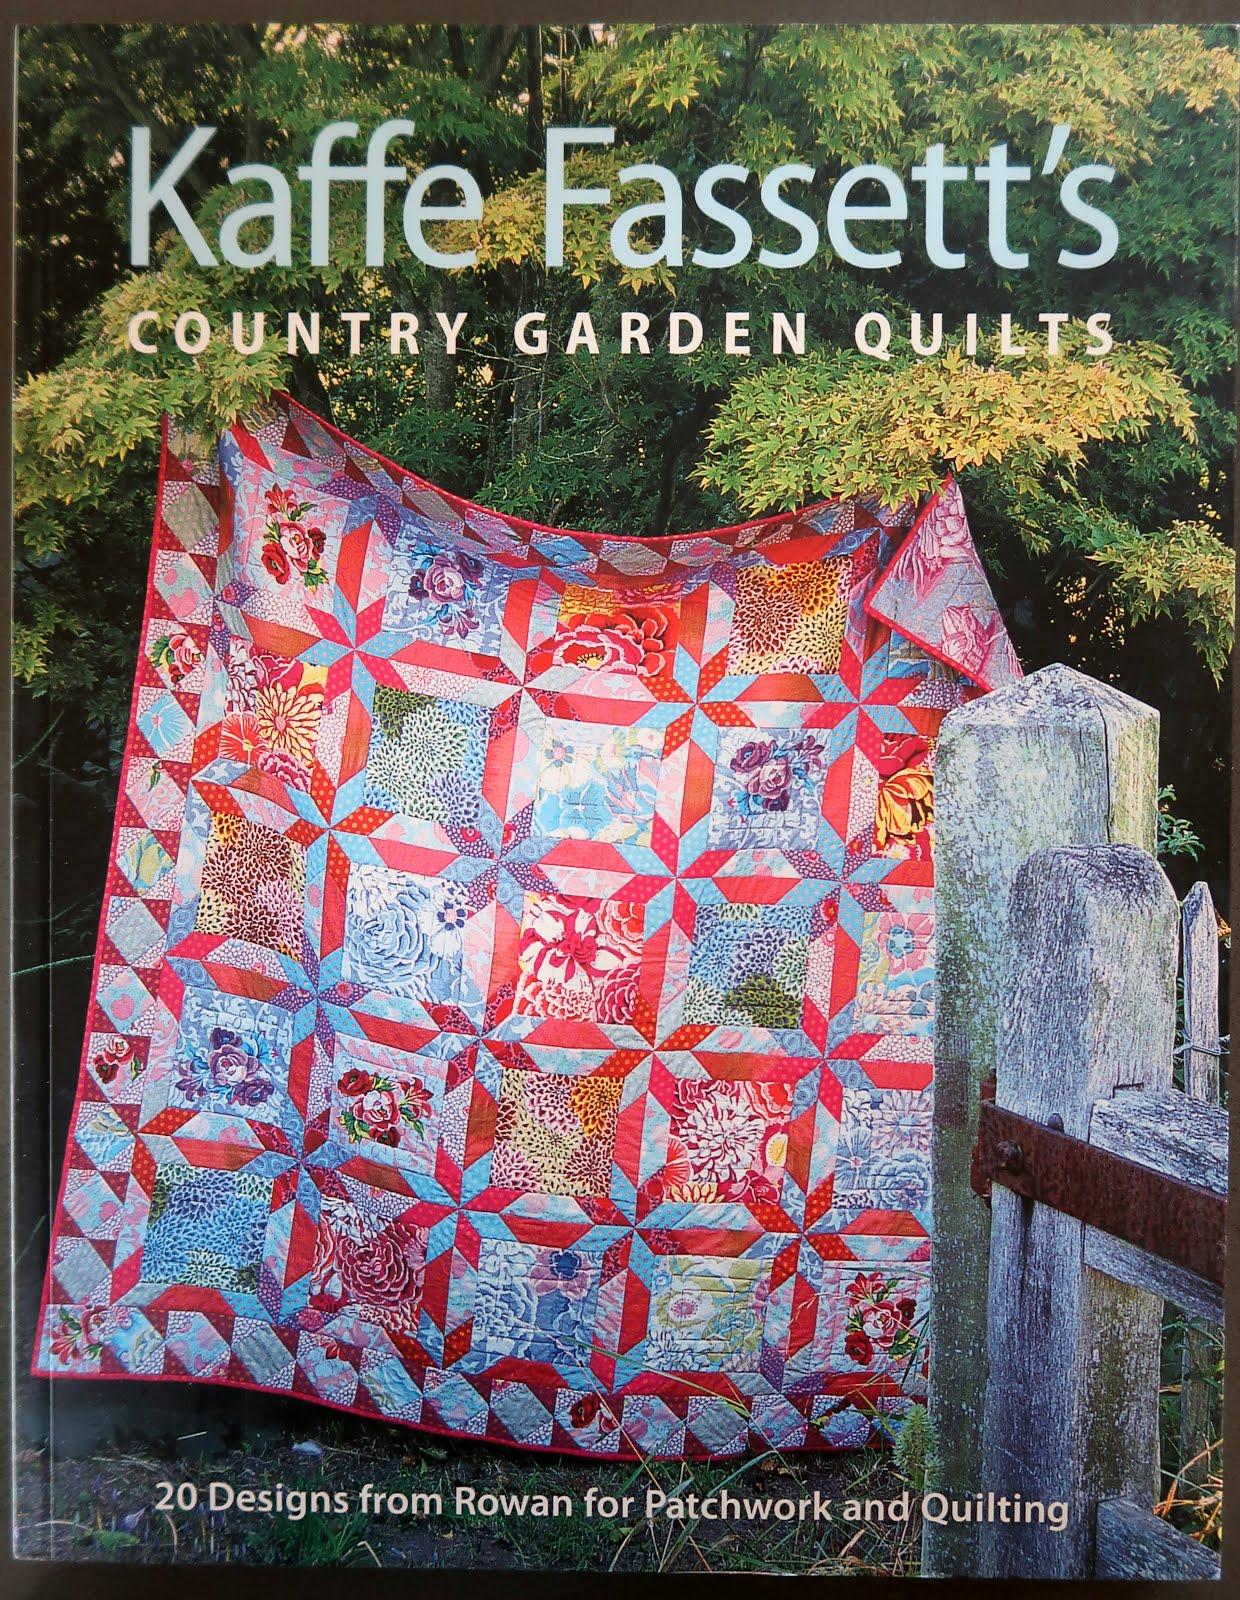 Kaffe Fassett's Country Garden Quilts (click!)